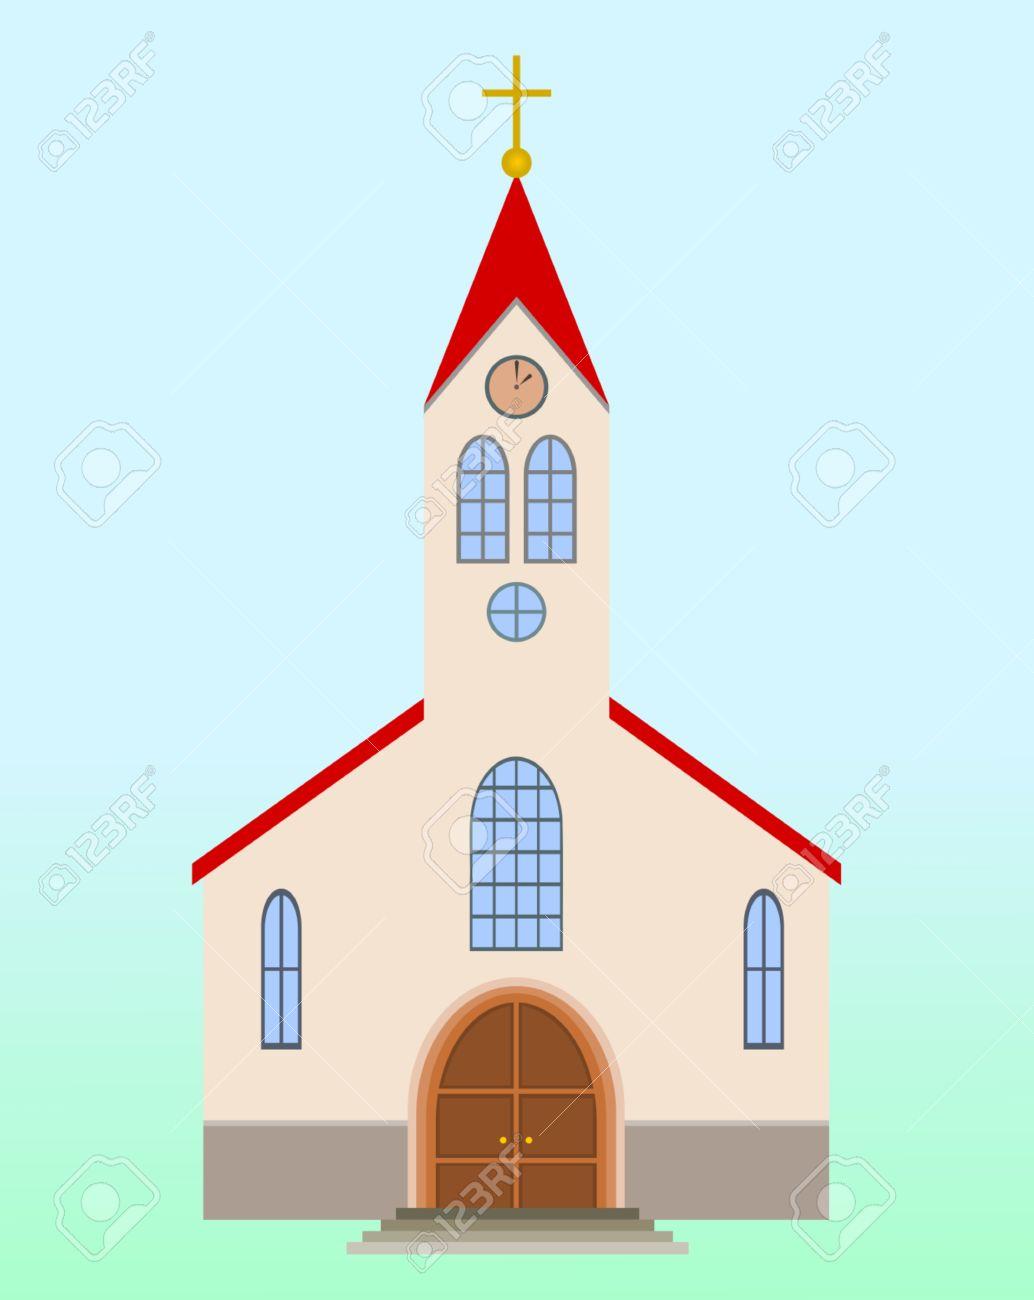 教会 イラストのイラスト素材ベクタ Image 51694565